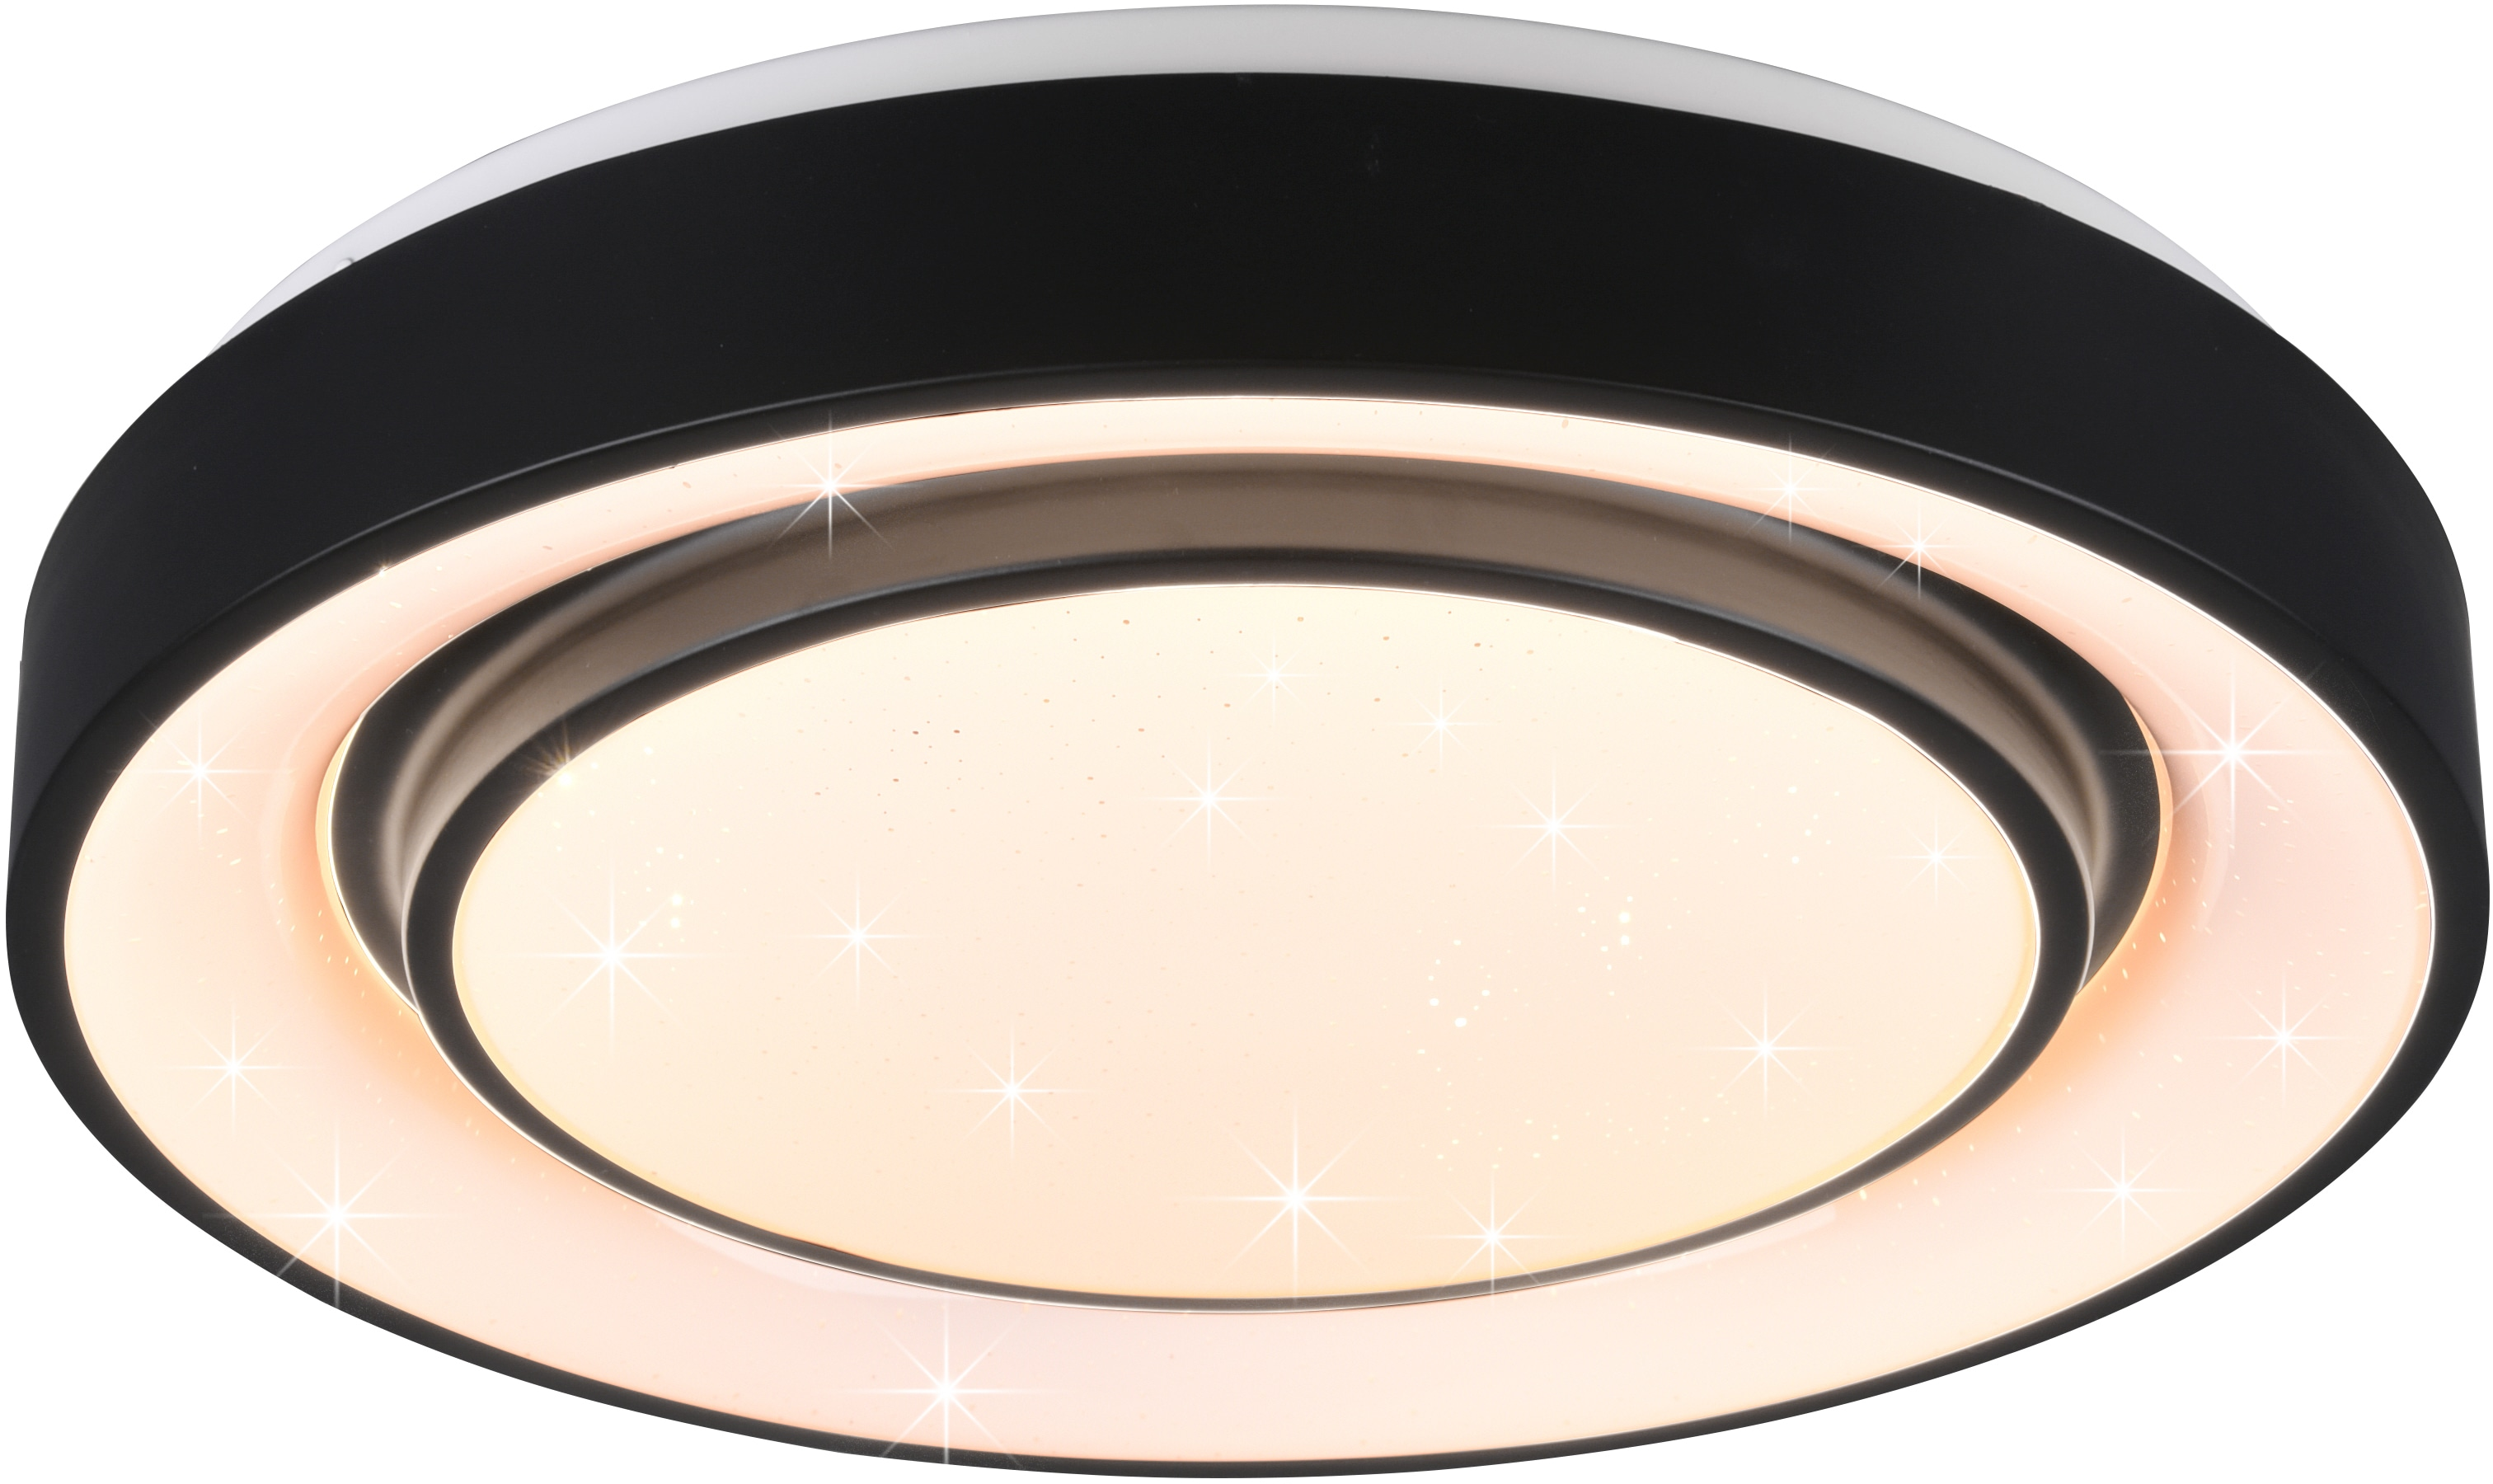 TRIO Leuchten LED Deckenleuchte Mona, LED-Modul, Farbwechsler